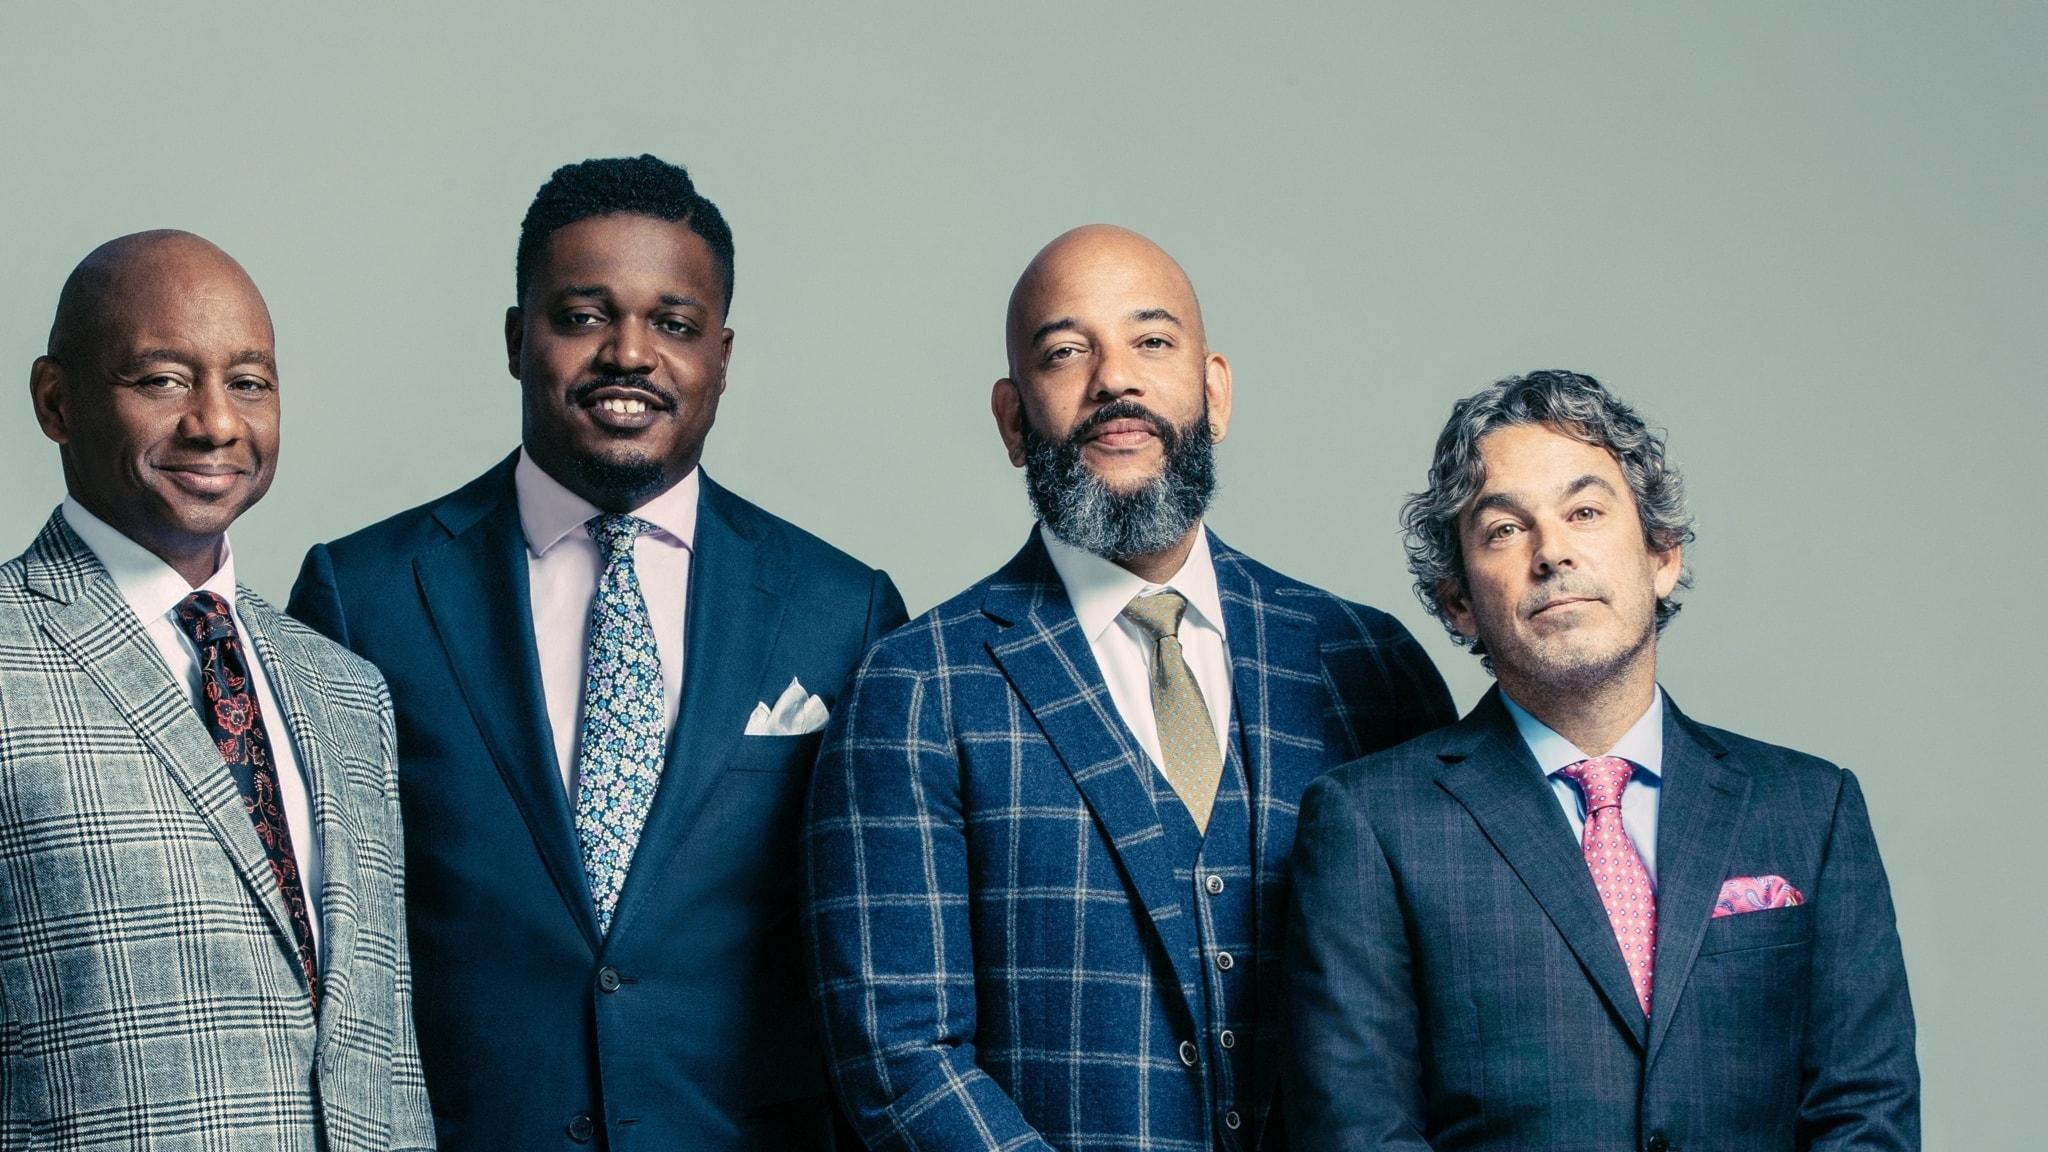 Fyra herrrar i kostym